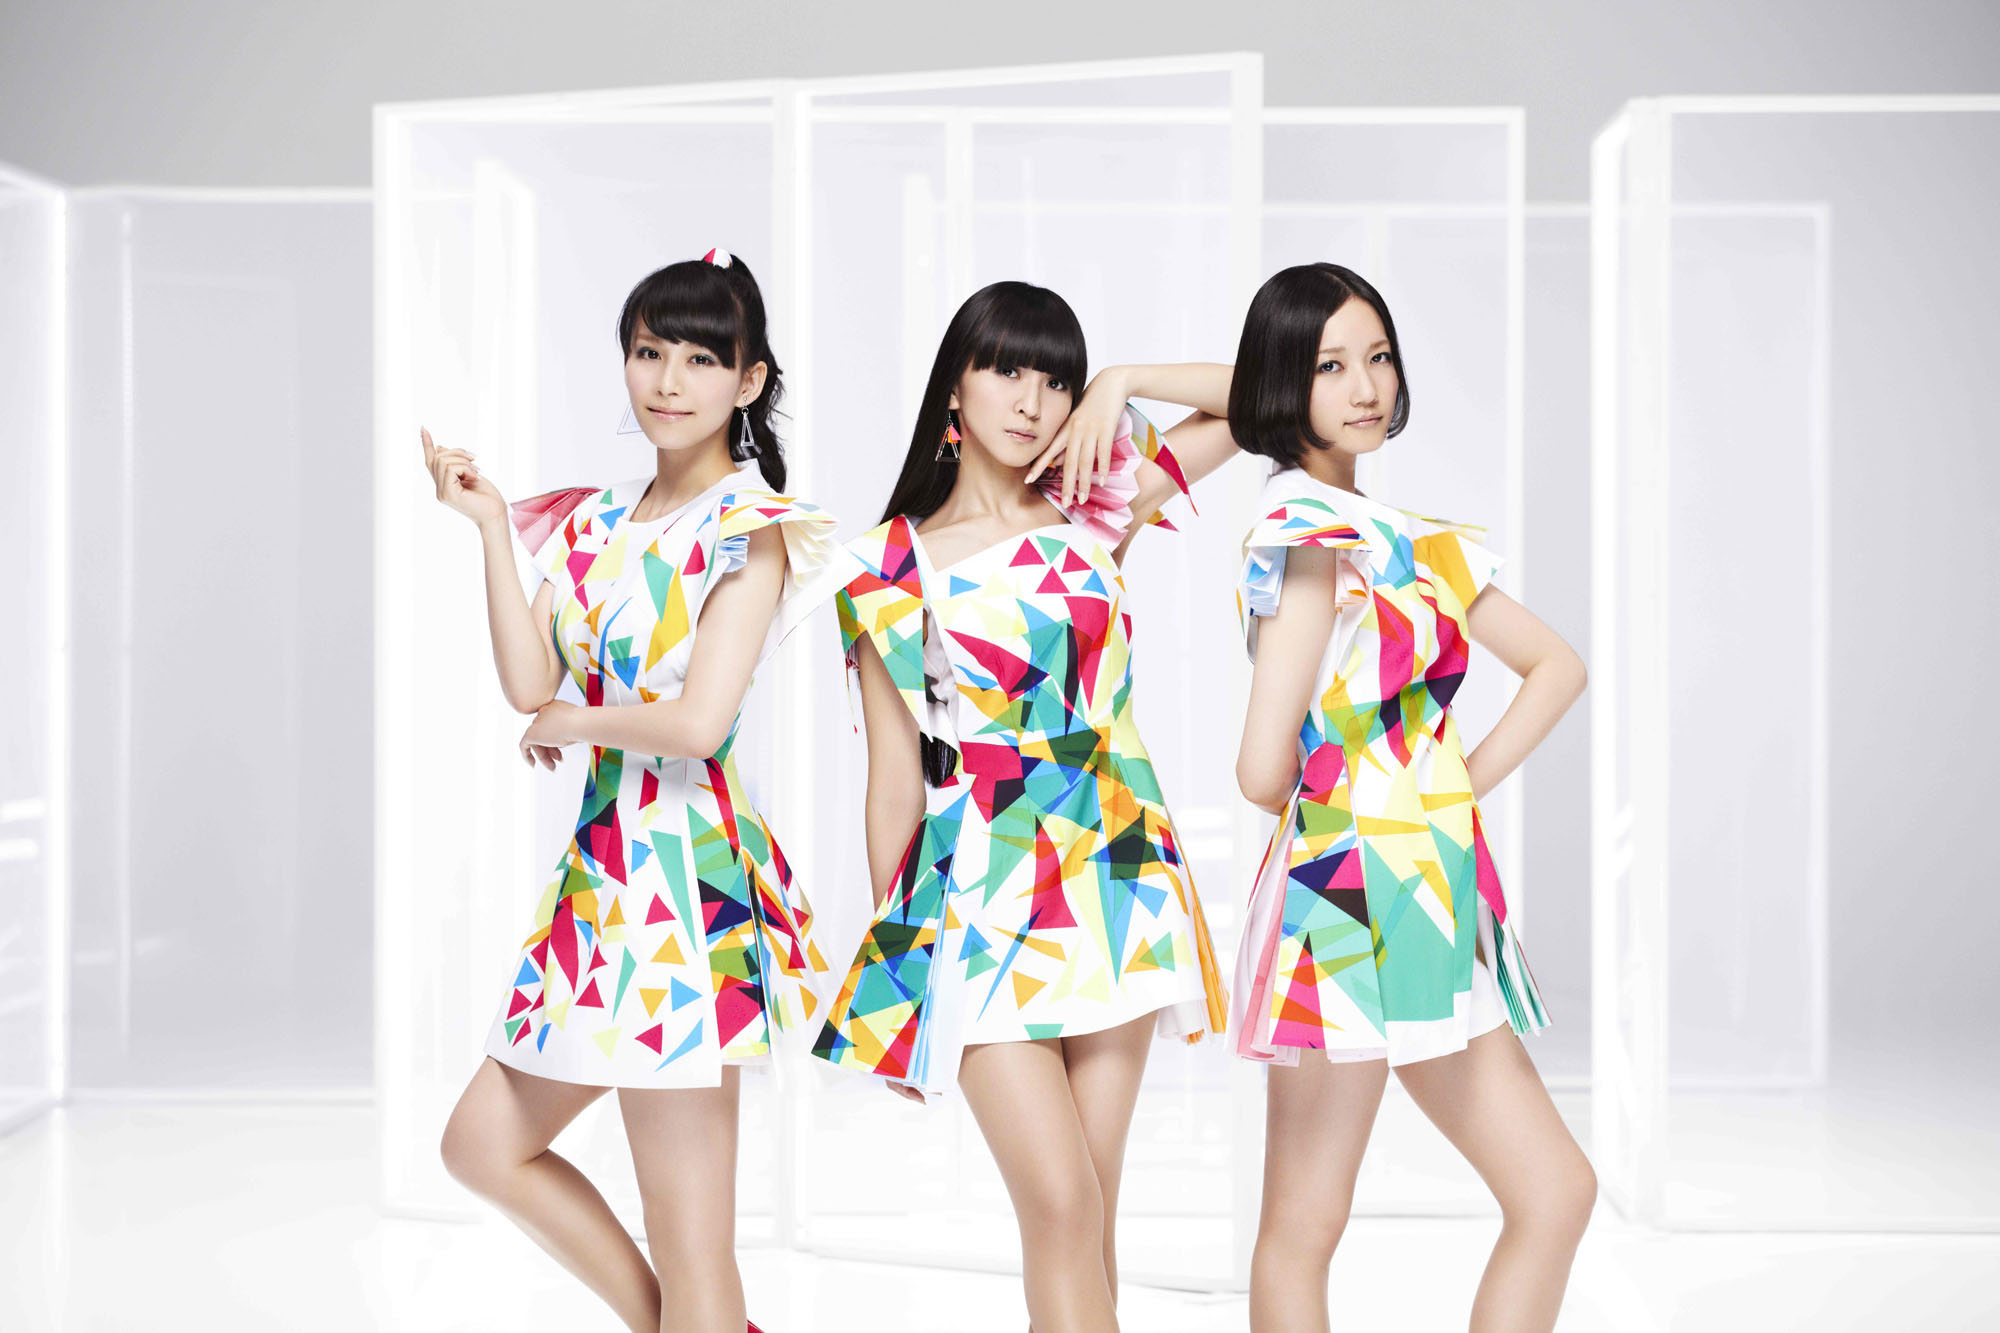 テクノポップといえば日本の代表ともいえるのがPerfumeです!